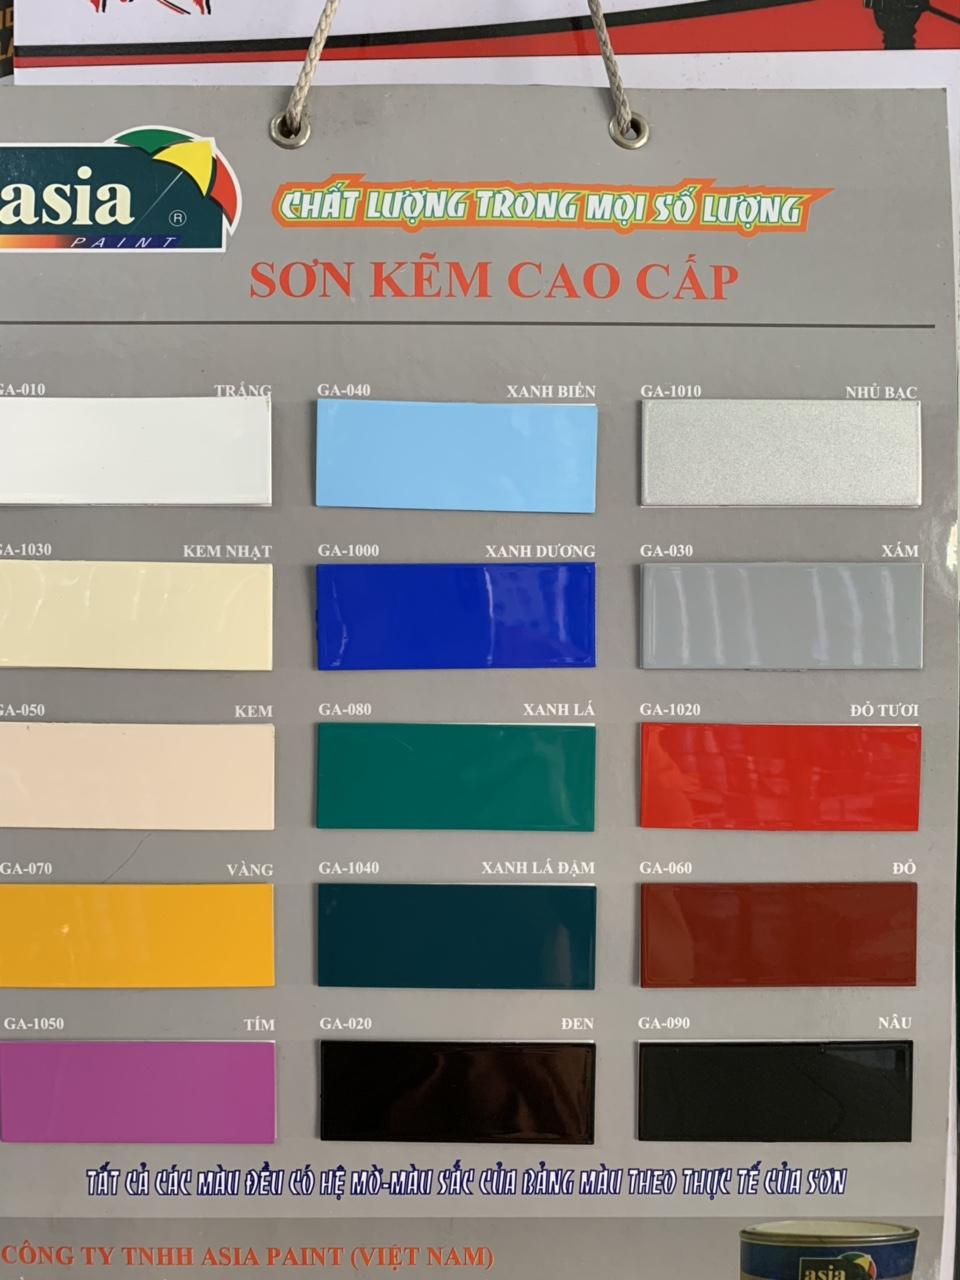 Bảng màu của sơn kẽm ASIA